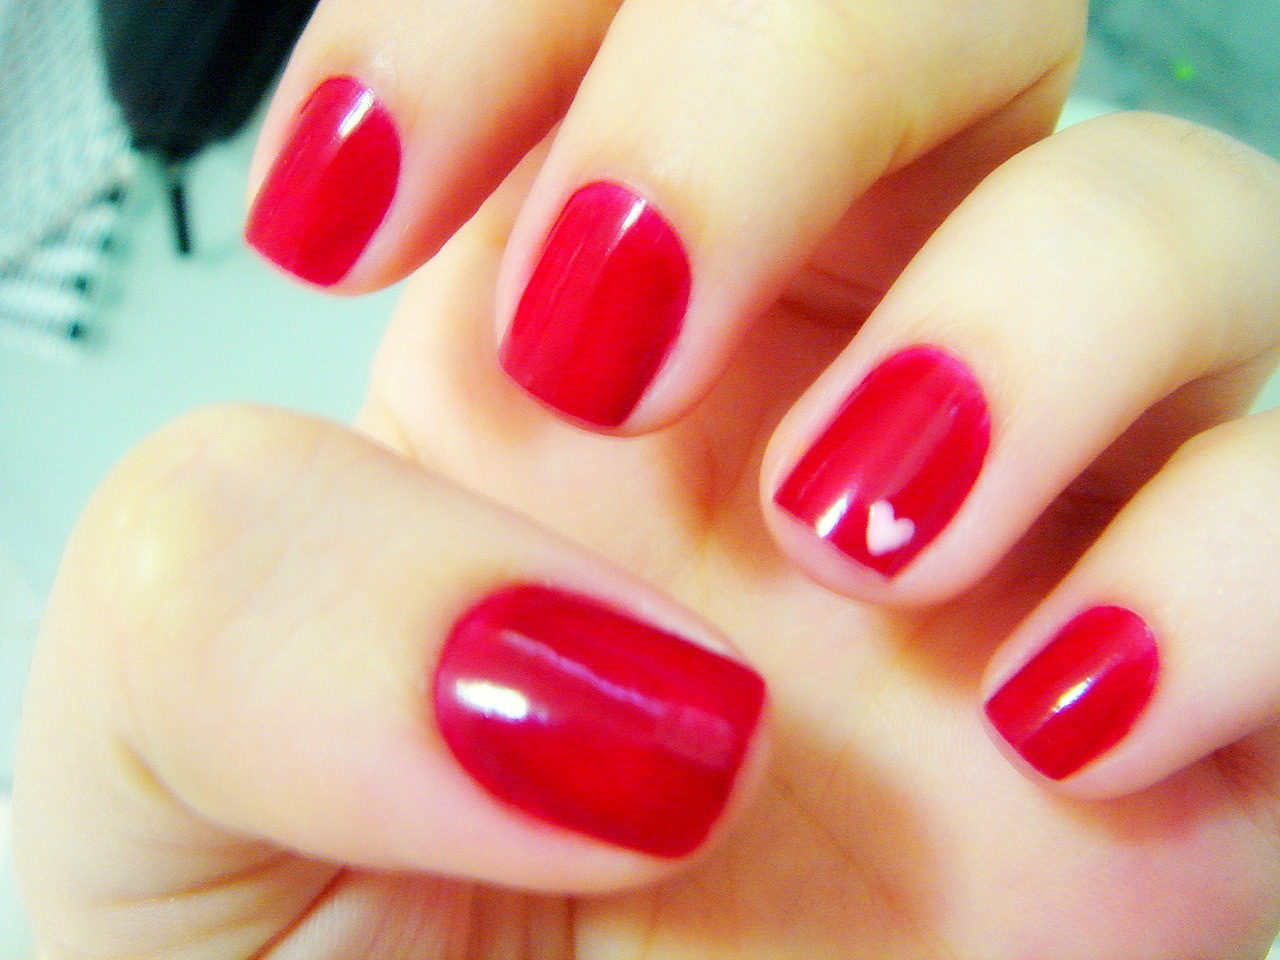 """Unhas de uma cliente   corte das unhas das mãos, polimento, retirada da cutícula, esmaltagem, aplicação de """"base"""" nas unhas, aplicação de cremes e esfoliantes.  vermelho  unhas  manicure e pedicure depilador(a) esteticista"""